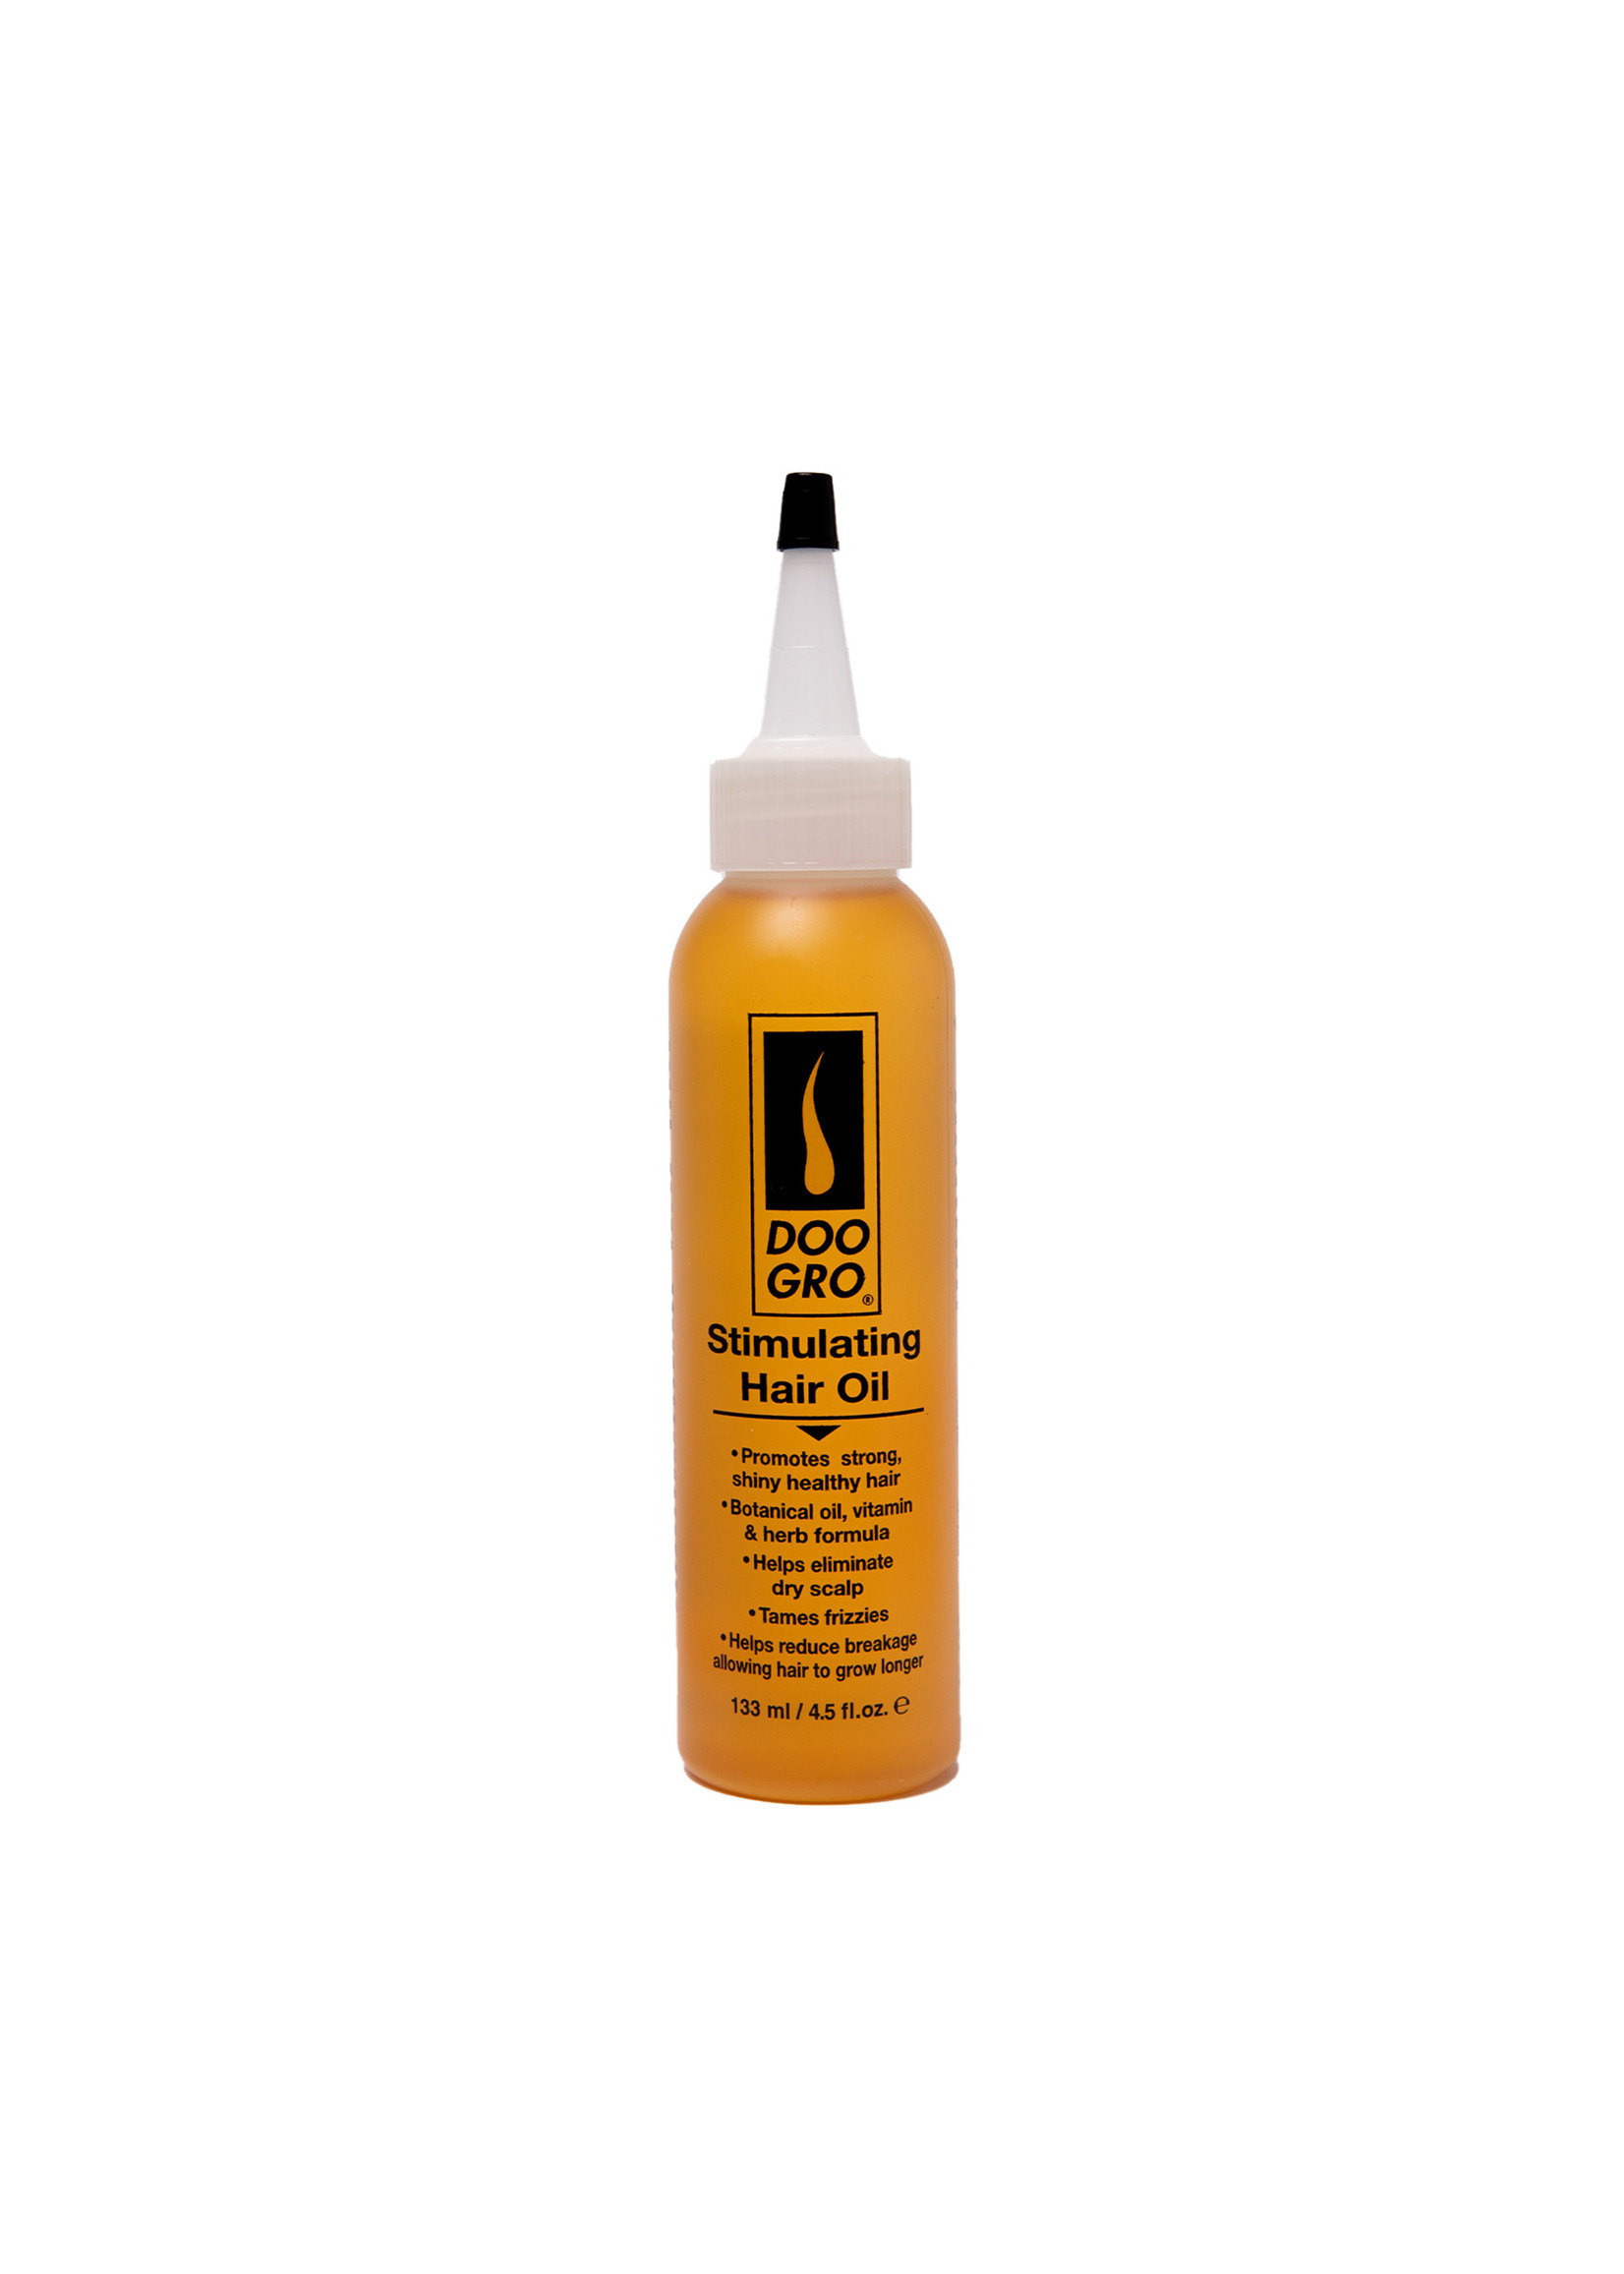 Doo Gro Hair Oil